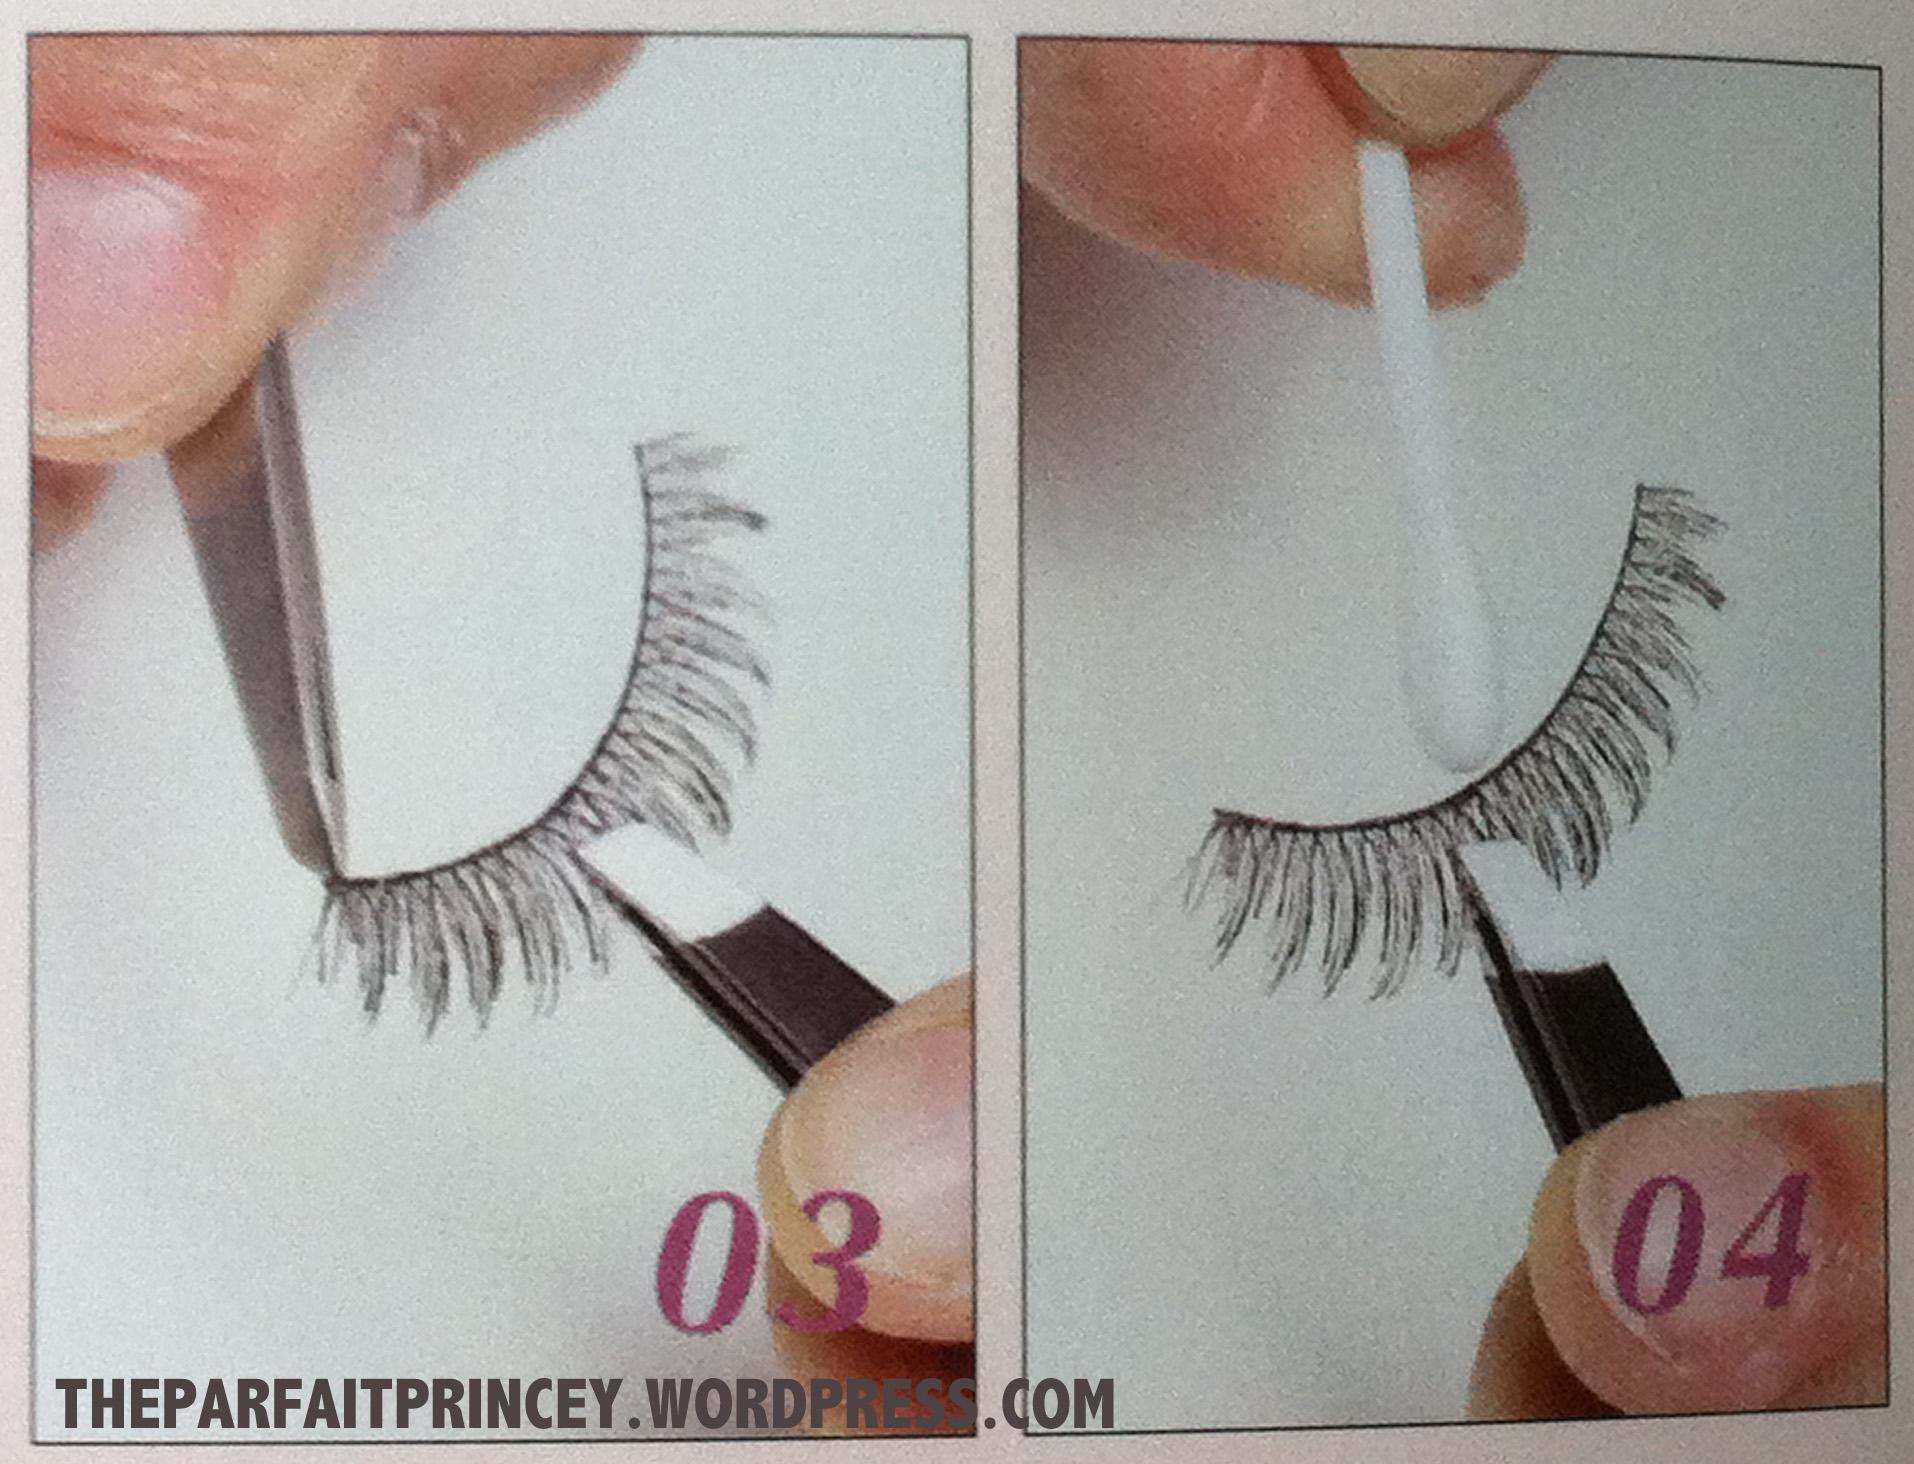 de5716315d2 HOW TO: Clean your false eyelashes! LASH CARE!   parfait prince ♔